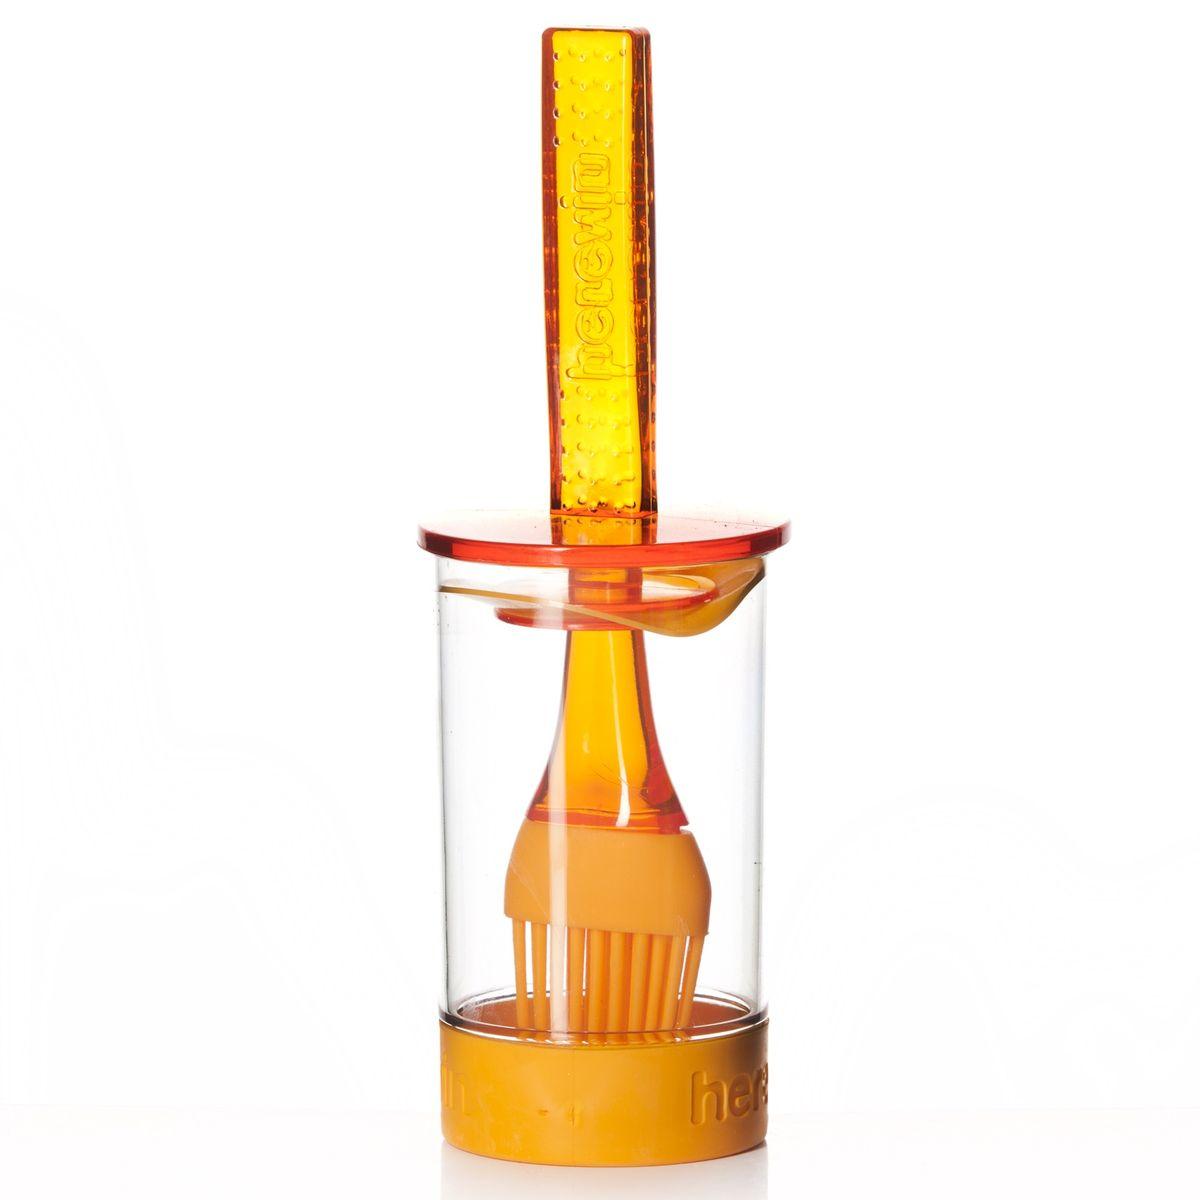 Емкость для соуса Herevin, с кисточкой, цвет: оранжевый, 250 мл161260-000Емкость для соуса Herevin выполнена из прочного пластика. В нижней части емкости имеется вставка из приятного на ощупь силикона, который не позволит ей выскользнуть из ваших рук. Емкость плотно закрывается пластиковой крышкой с уплотнителем и встроенной силиконовой кисточкой. Кисточка хорошо распределяет соус, маринад или другую смазку. Такое удобное приспособление поможет вам смазать соусом готовое блюдо и не разбрызгать его. Налейте соус в емкость, опустите туда кисточку и, уже поднеся к пирогу или мясу, смазывайте. Также емкость прекрасно подходит для приготовления и хранения соуса, маринада. Диаметр емкости: 6 см. Высота емкости (без учета крышки): 11 см. Длина кисточки: 20 см. Уважаемые клиенты! Обращаем ваше внимание на возможные изменения в цветовом дизайне товара, связанные с ассортиментом продукции. Поставка осуществляется в зависимости от наличия на складе.